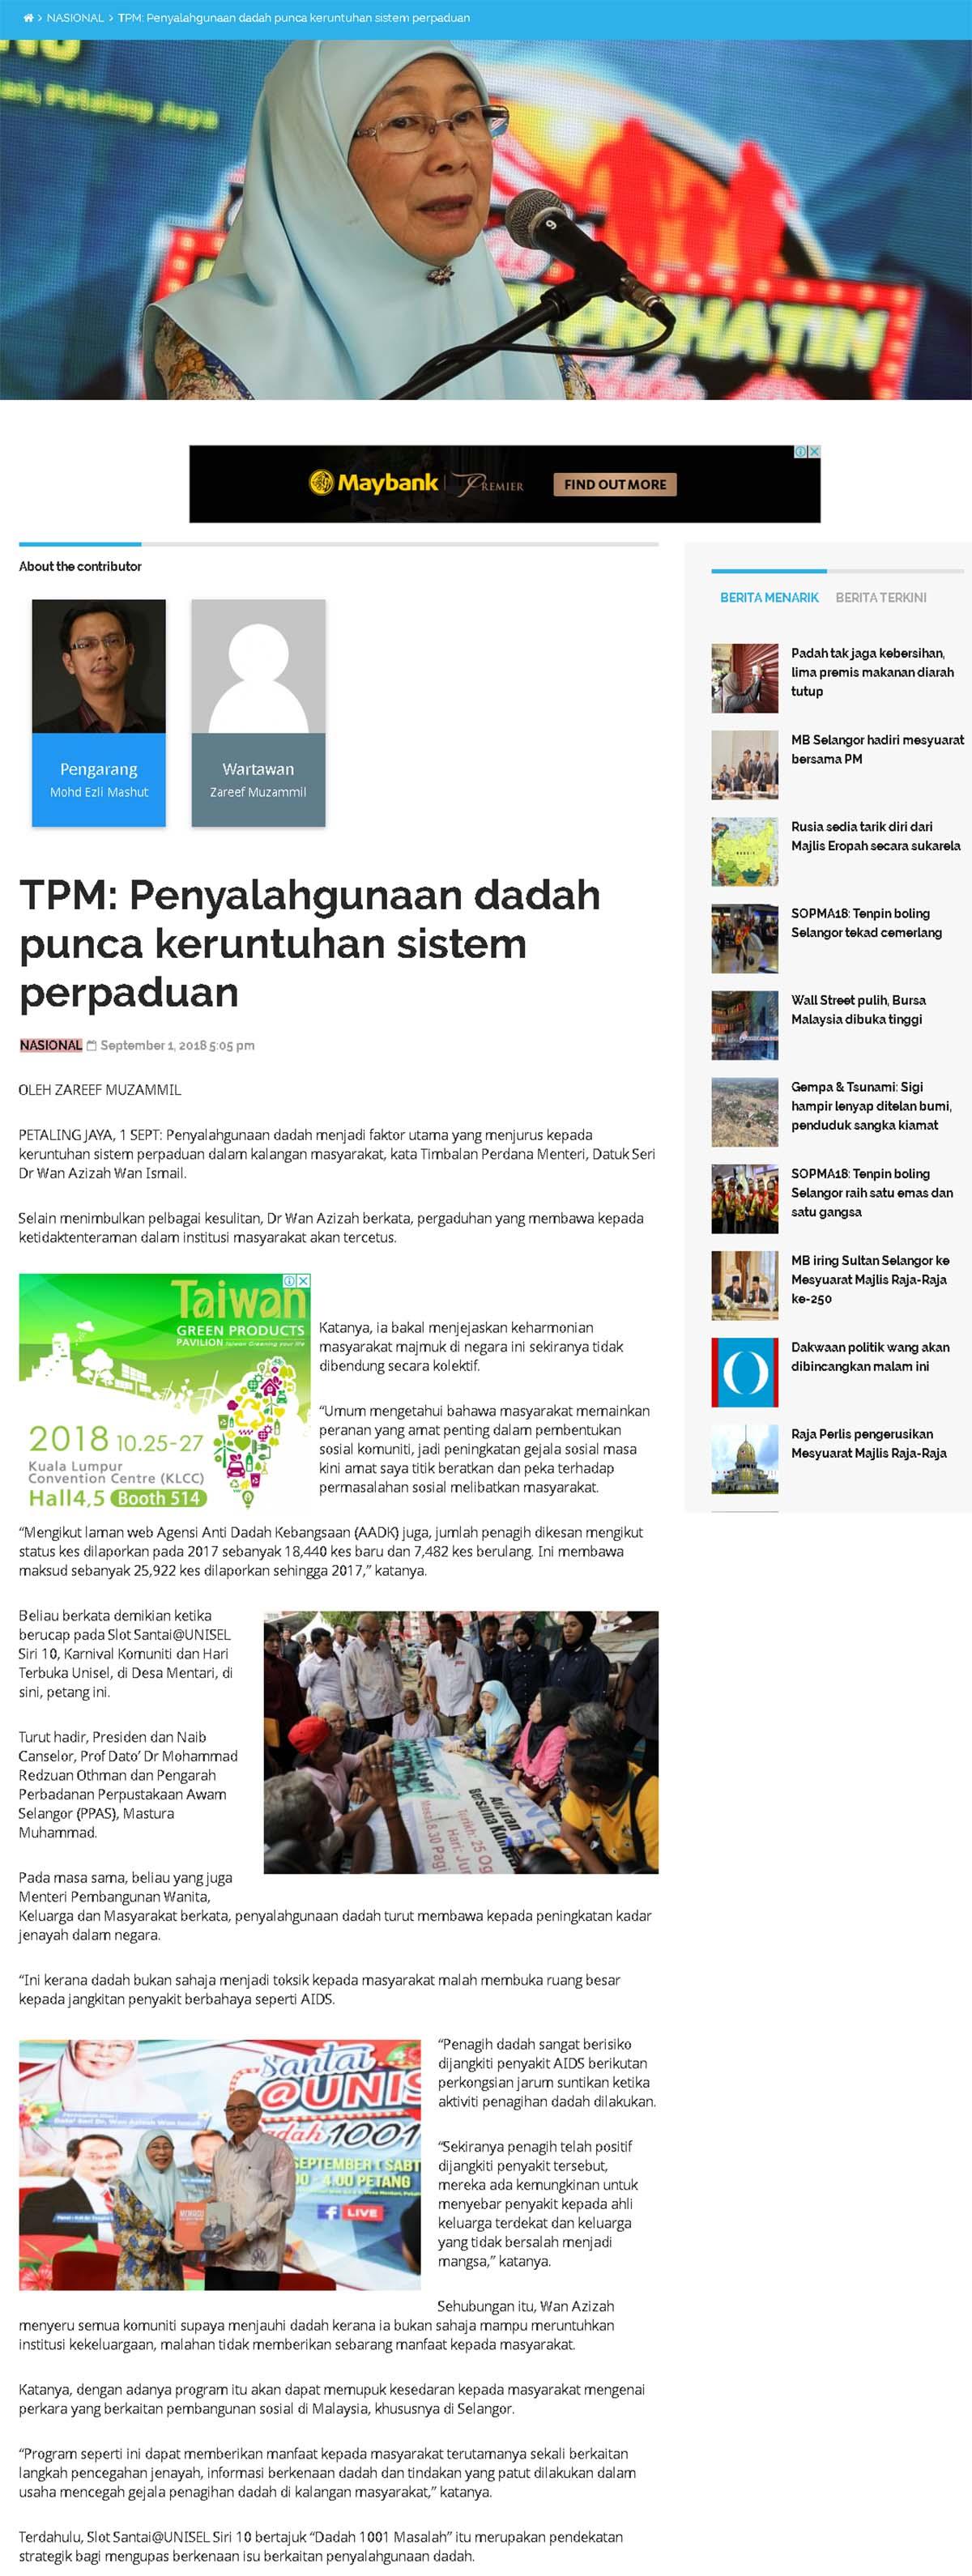 Selangor Kini Online - 1 September 2018